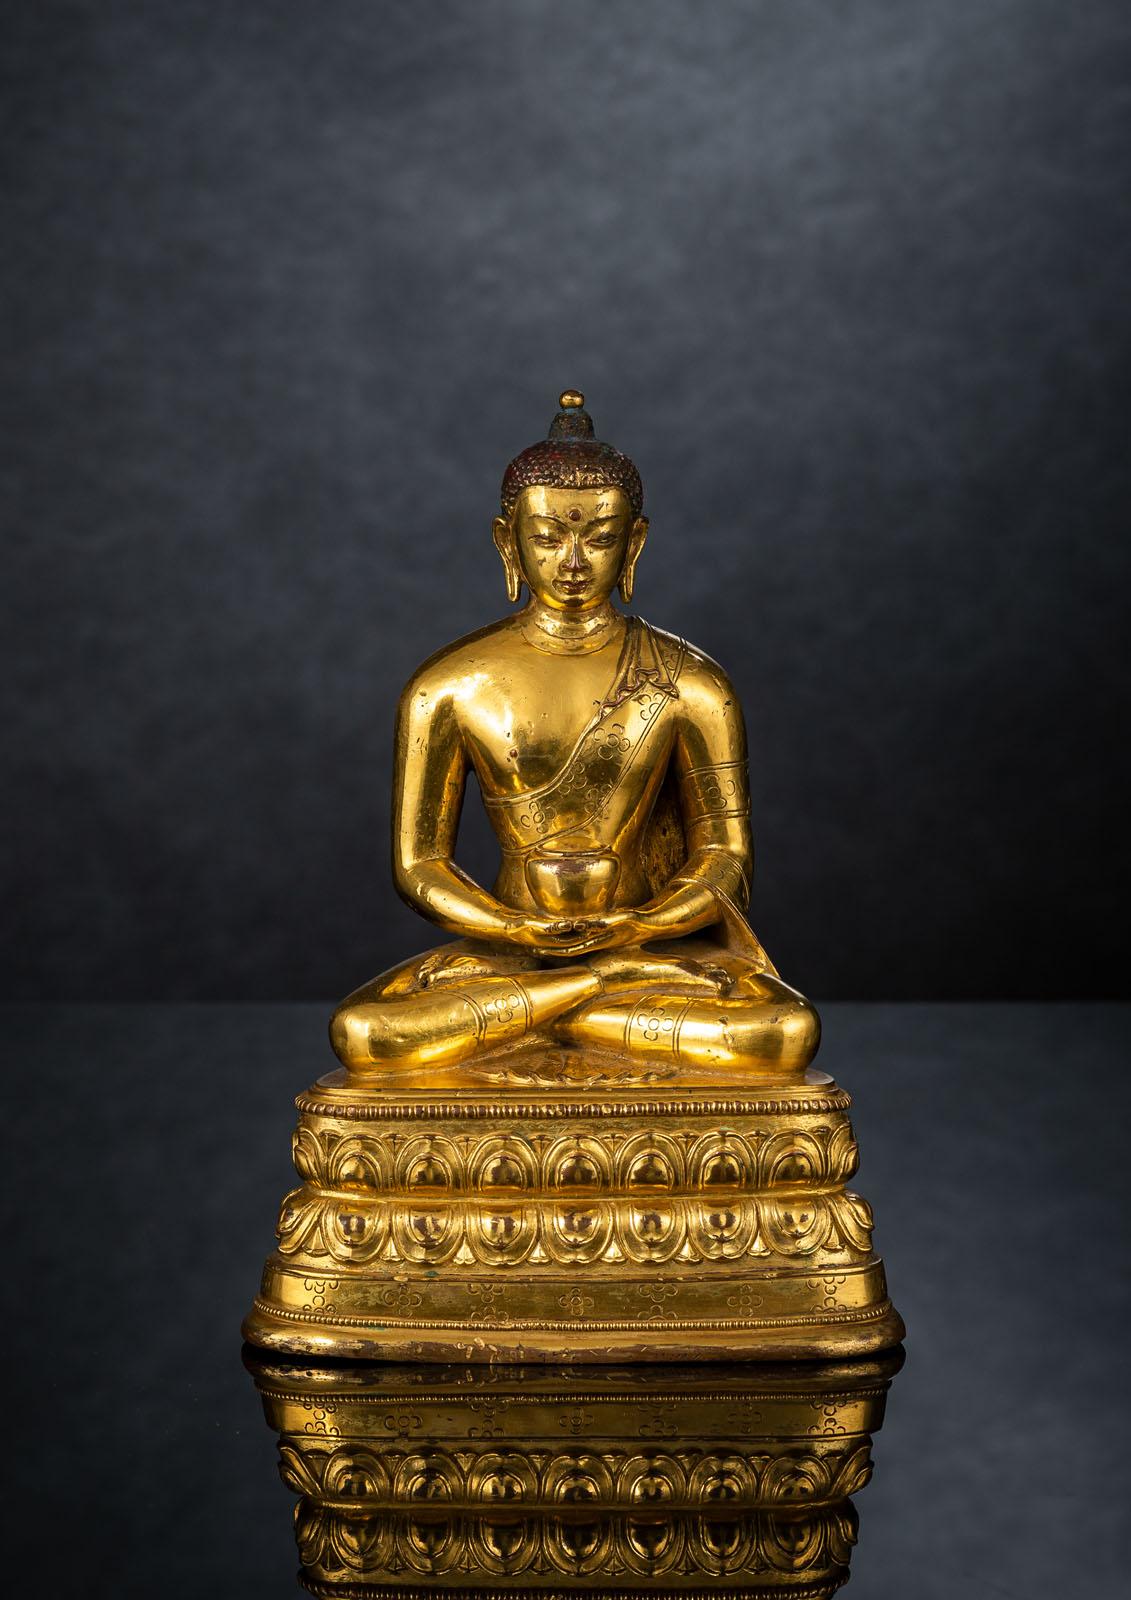 A FINE GILT-BRONZE FIGURE OF BUDDHA SHAKYAMUNI IN ZANABAZAR STYLE